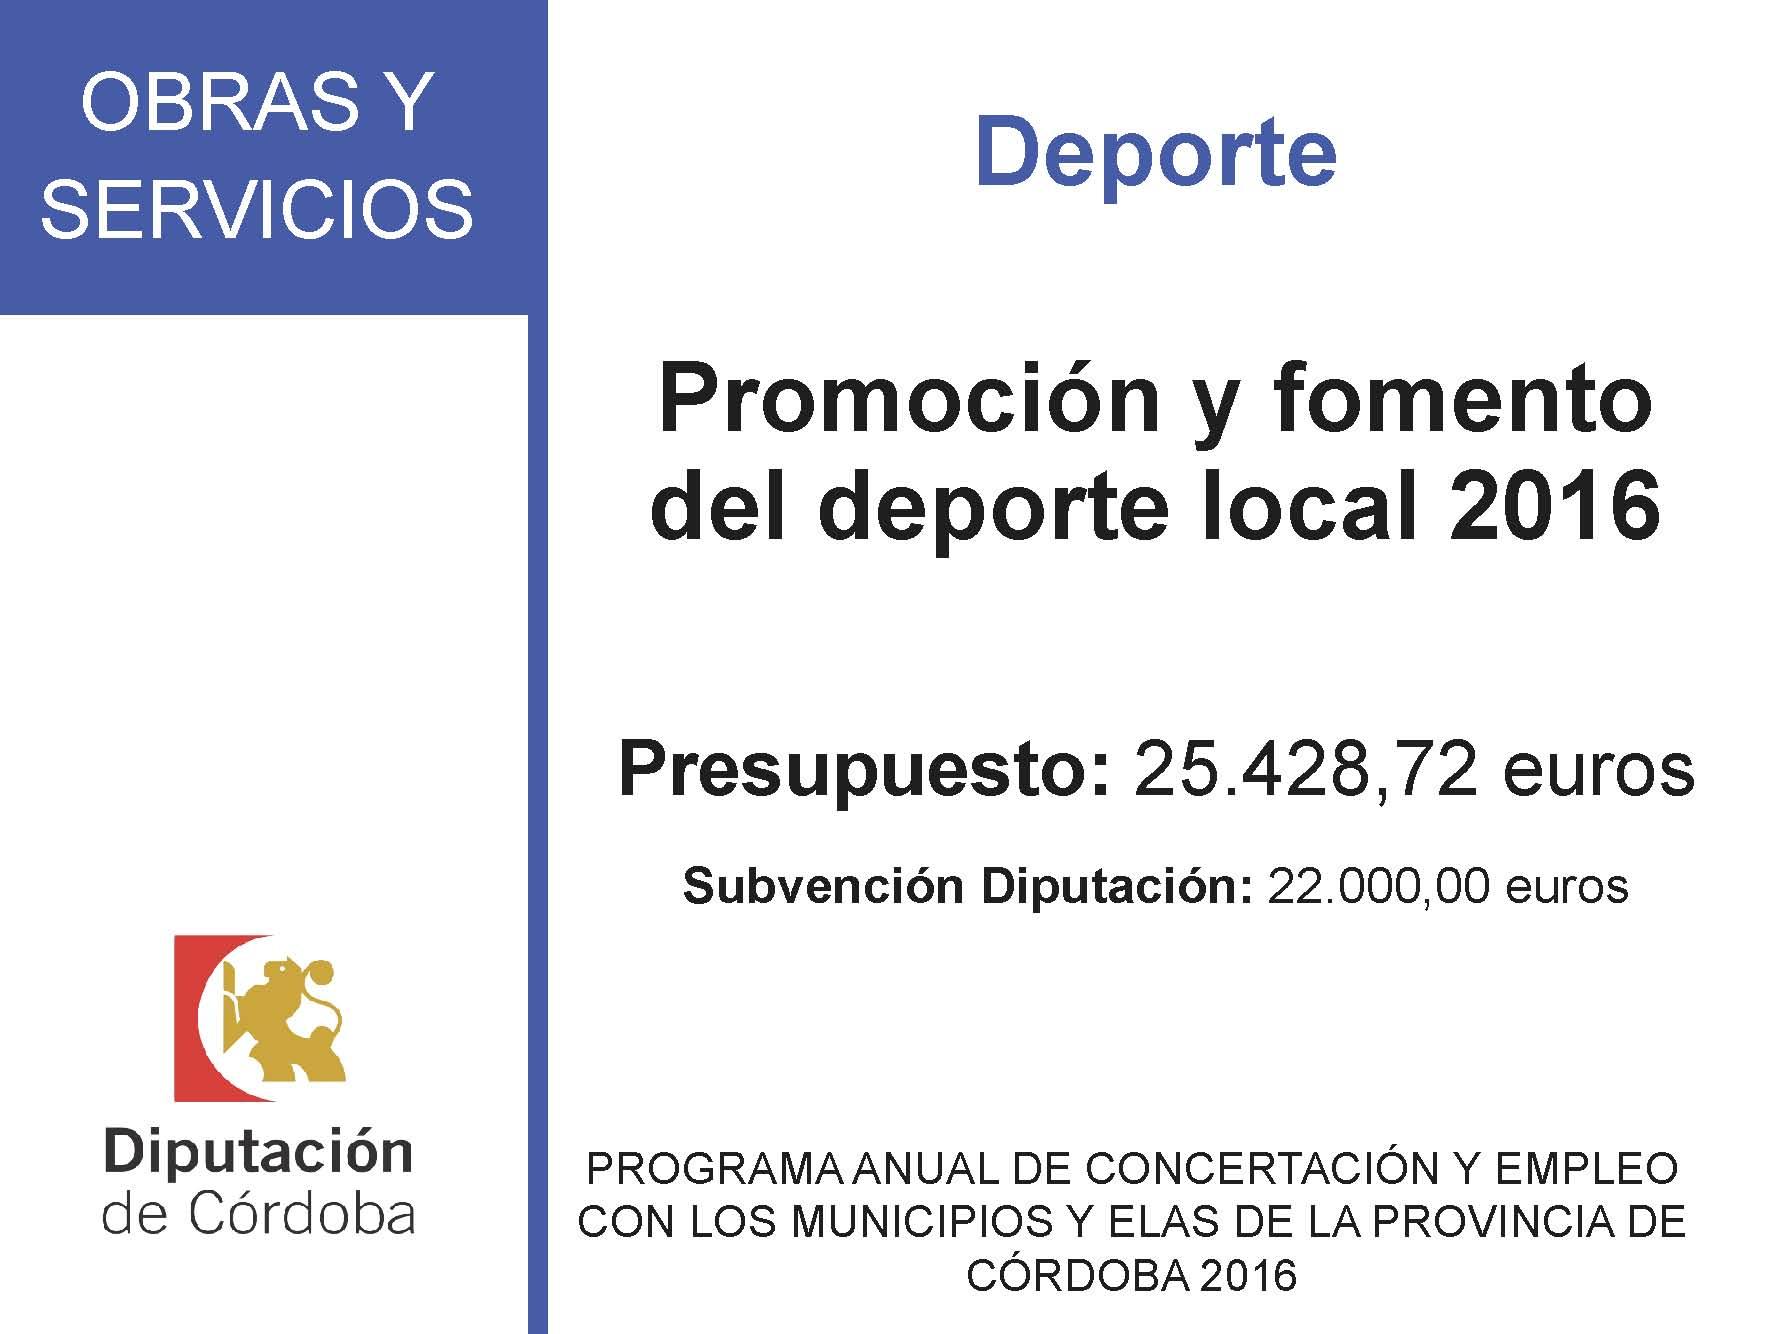 SUBVENCIONES RECIBIDAS. 2016 31